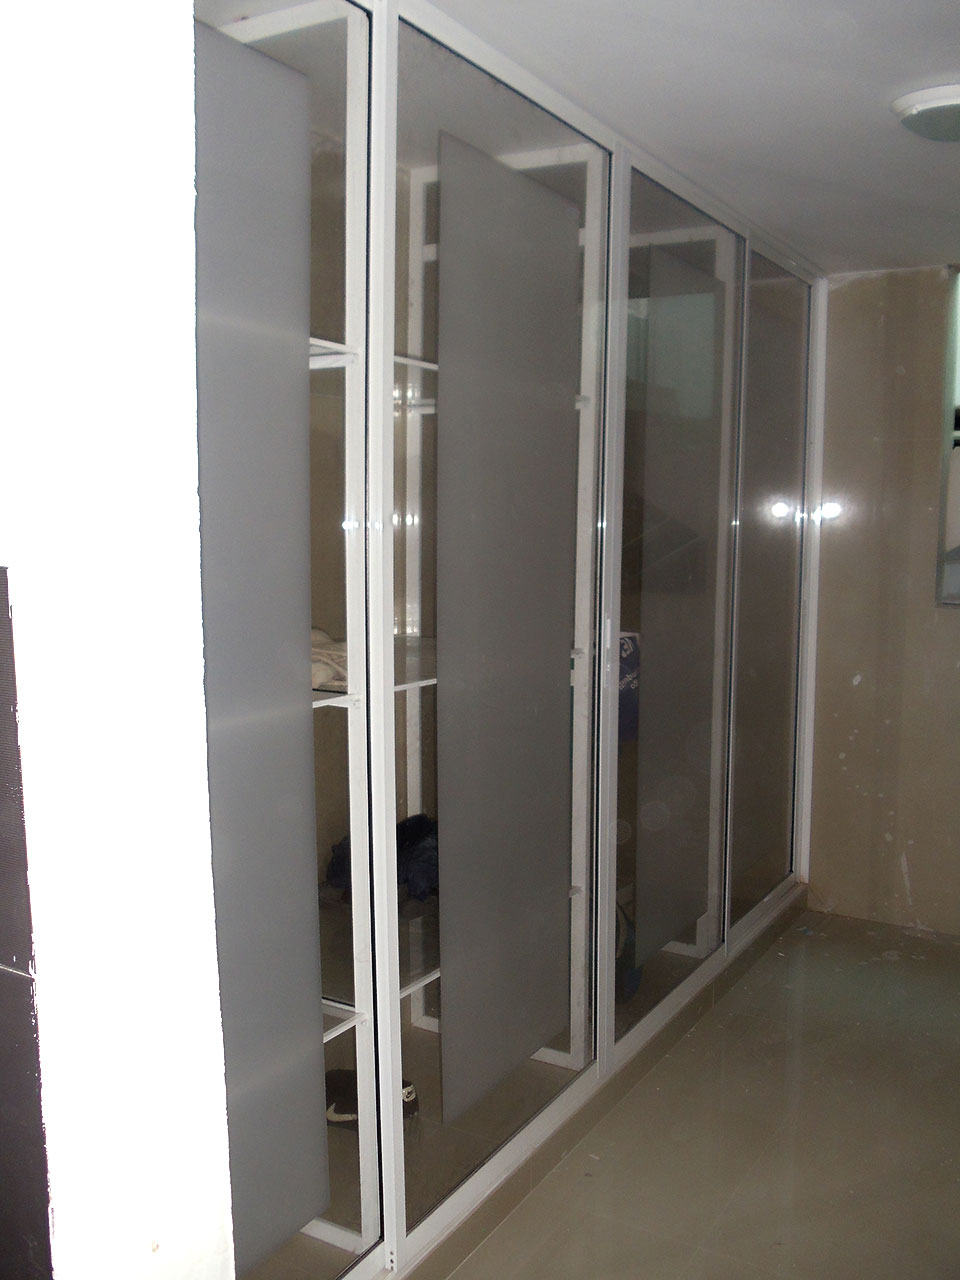 Cl sets ferba decoraciones soluciones integrales en aluminio marqueter a hierro acero - Aluminio espejo ...